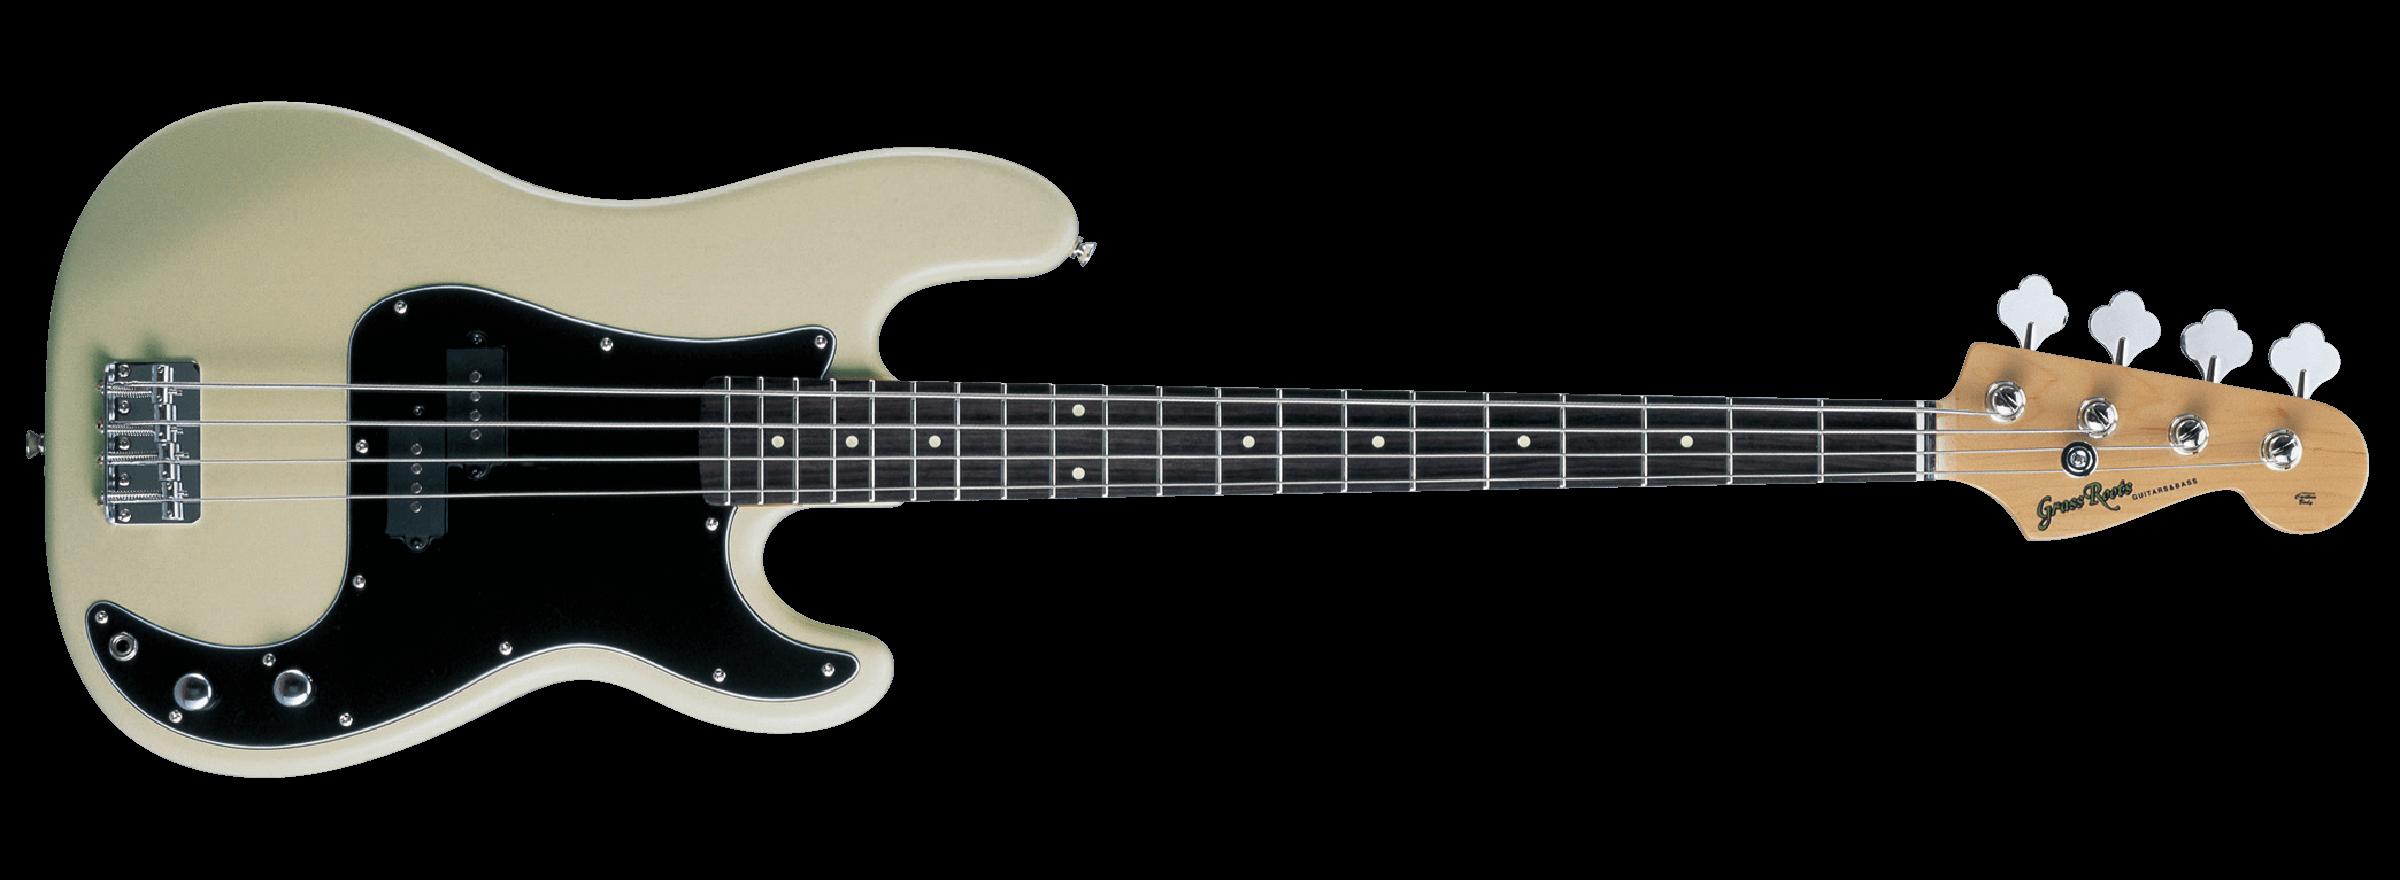 G-PB-55R